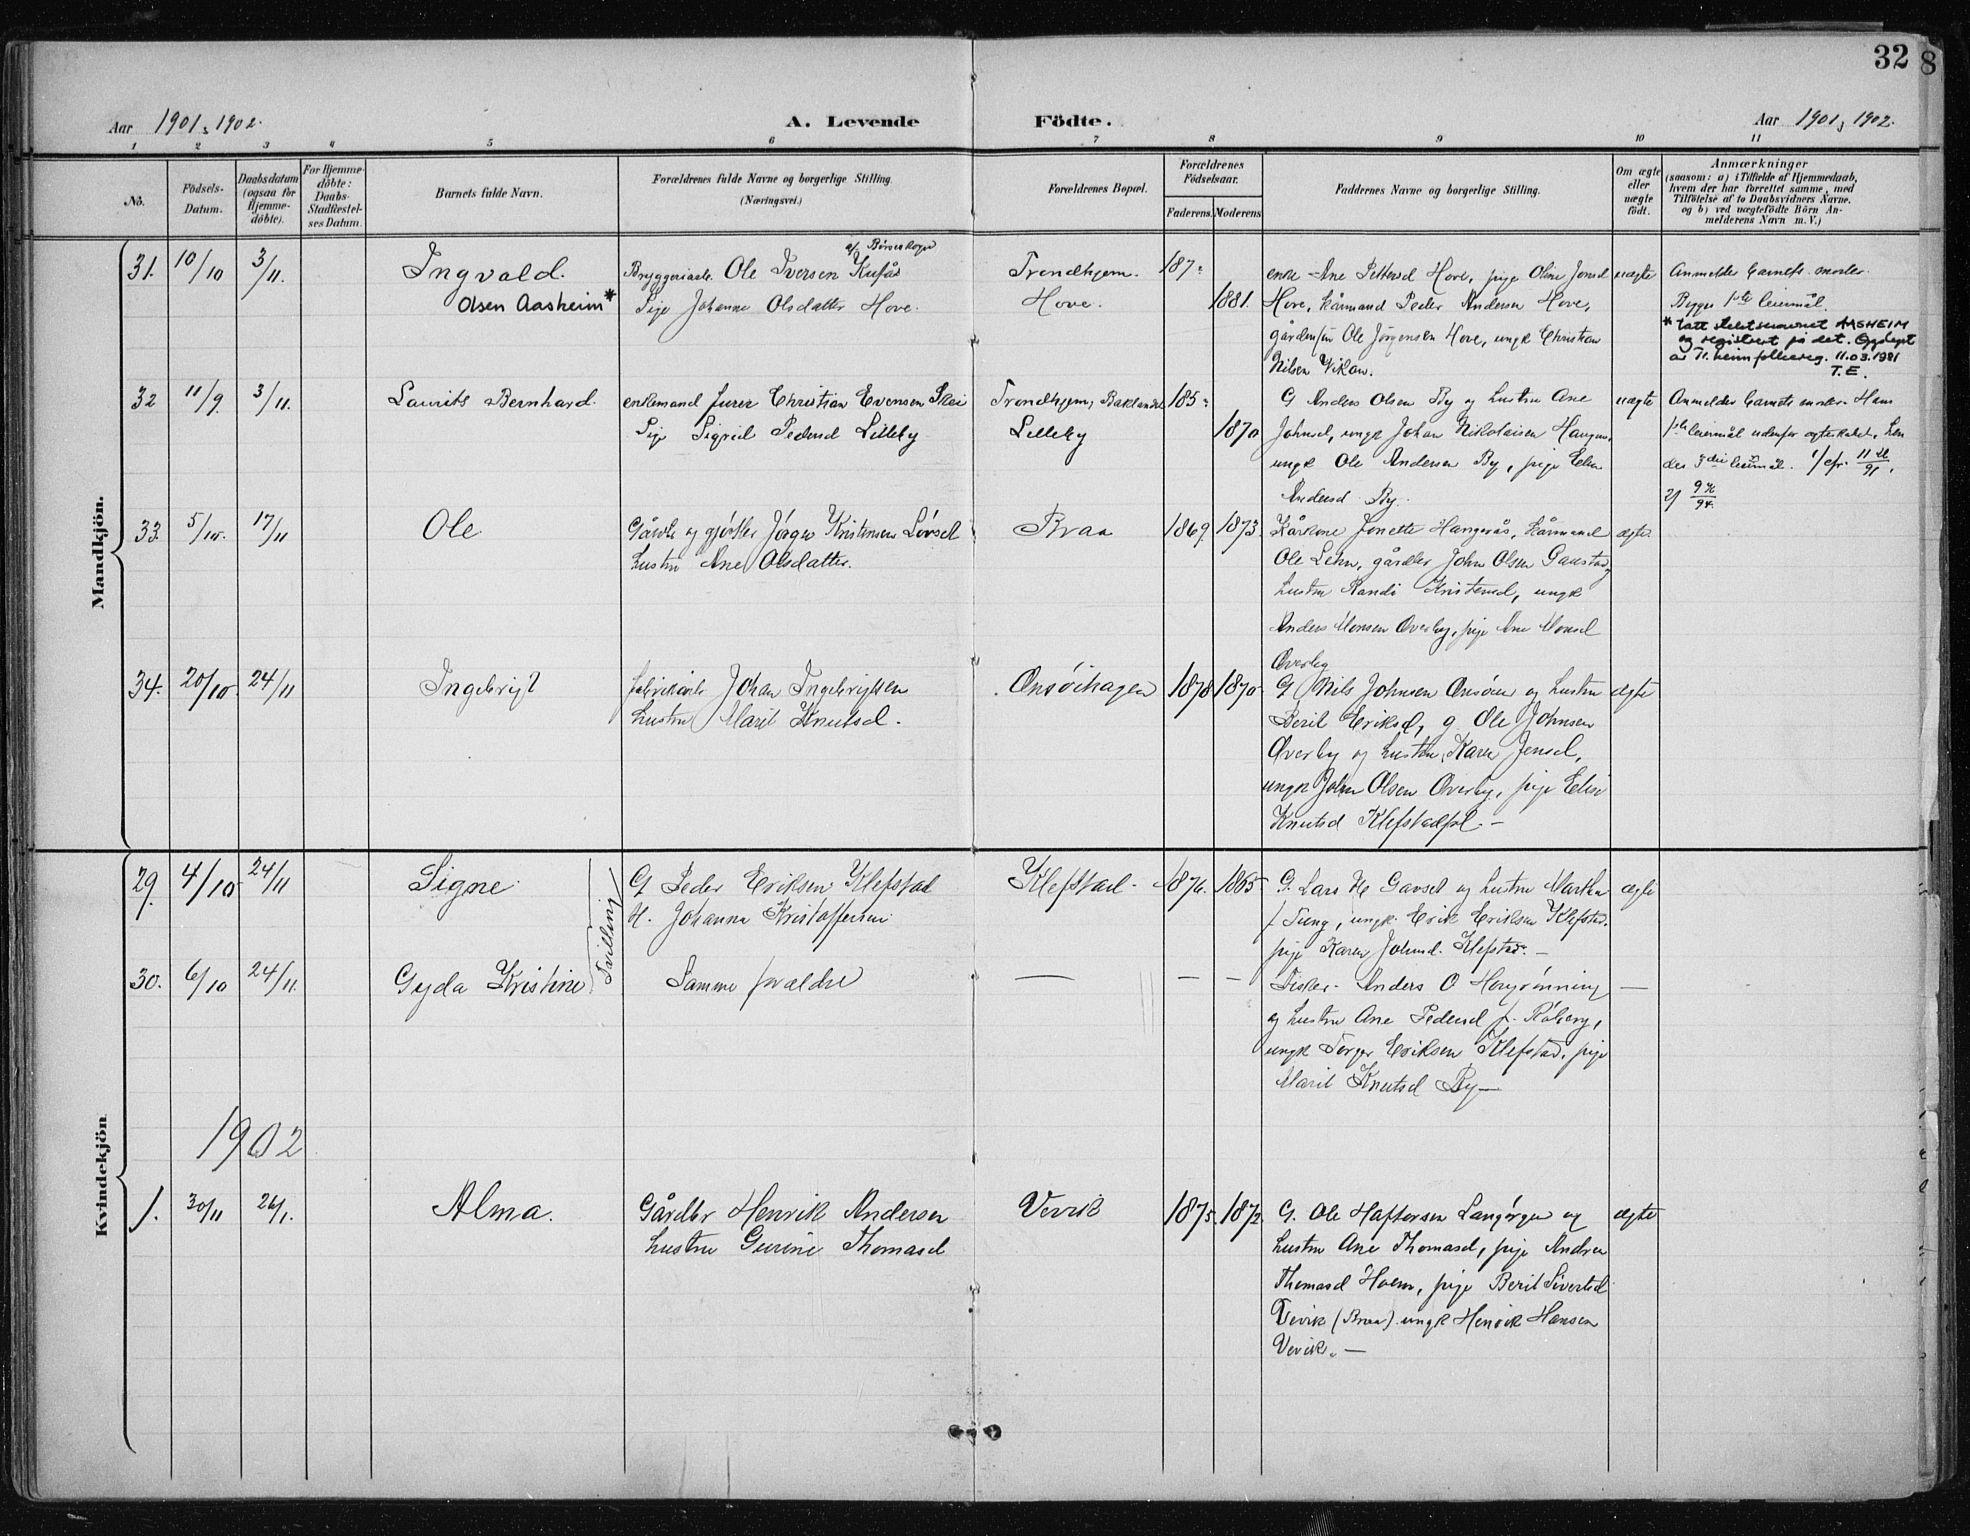 SAT, Ministerialprotokoller, klokkerbøker og fødselsregistre - Sør-Trøndelag, 612/L0380: Ministerialbok nr. 612A12, 1898-1907, s. 32